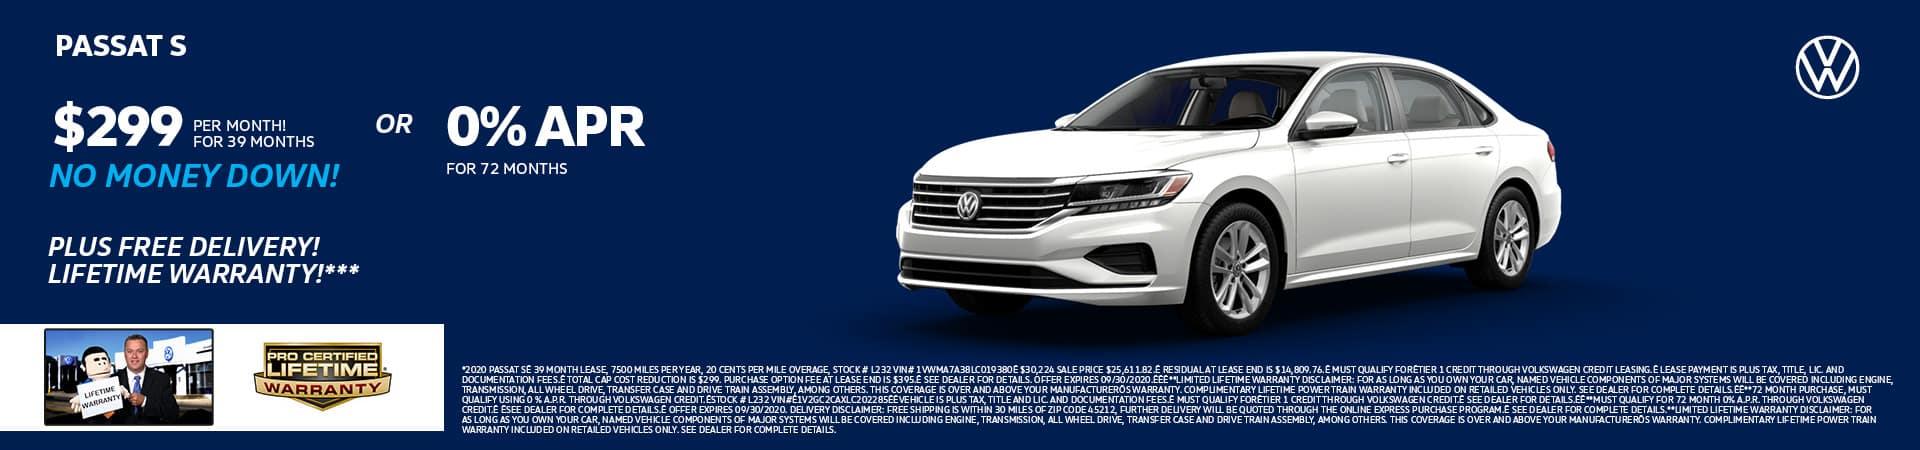 New 2020 Volkswagen Passat   Cincinnati, OH